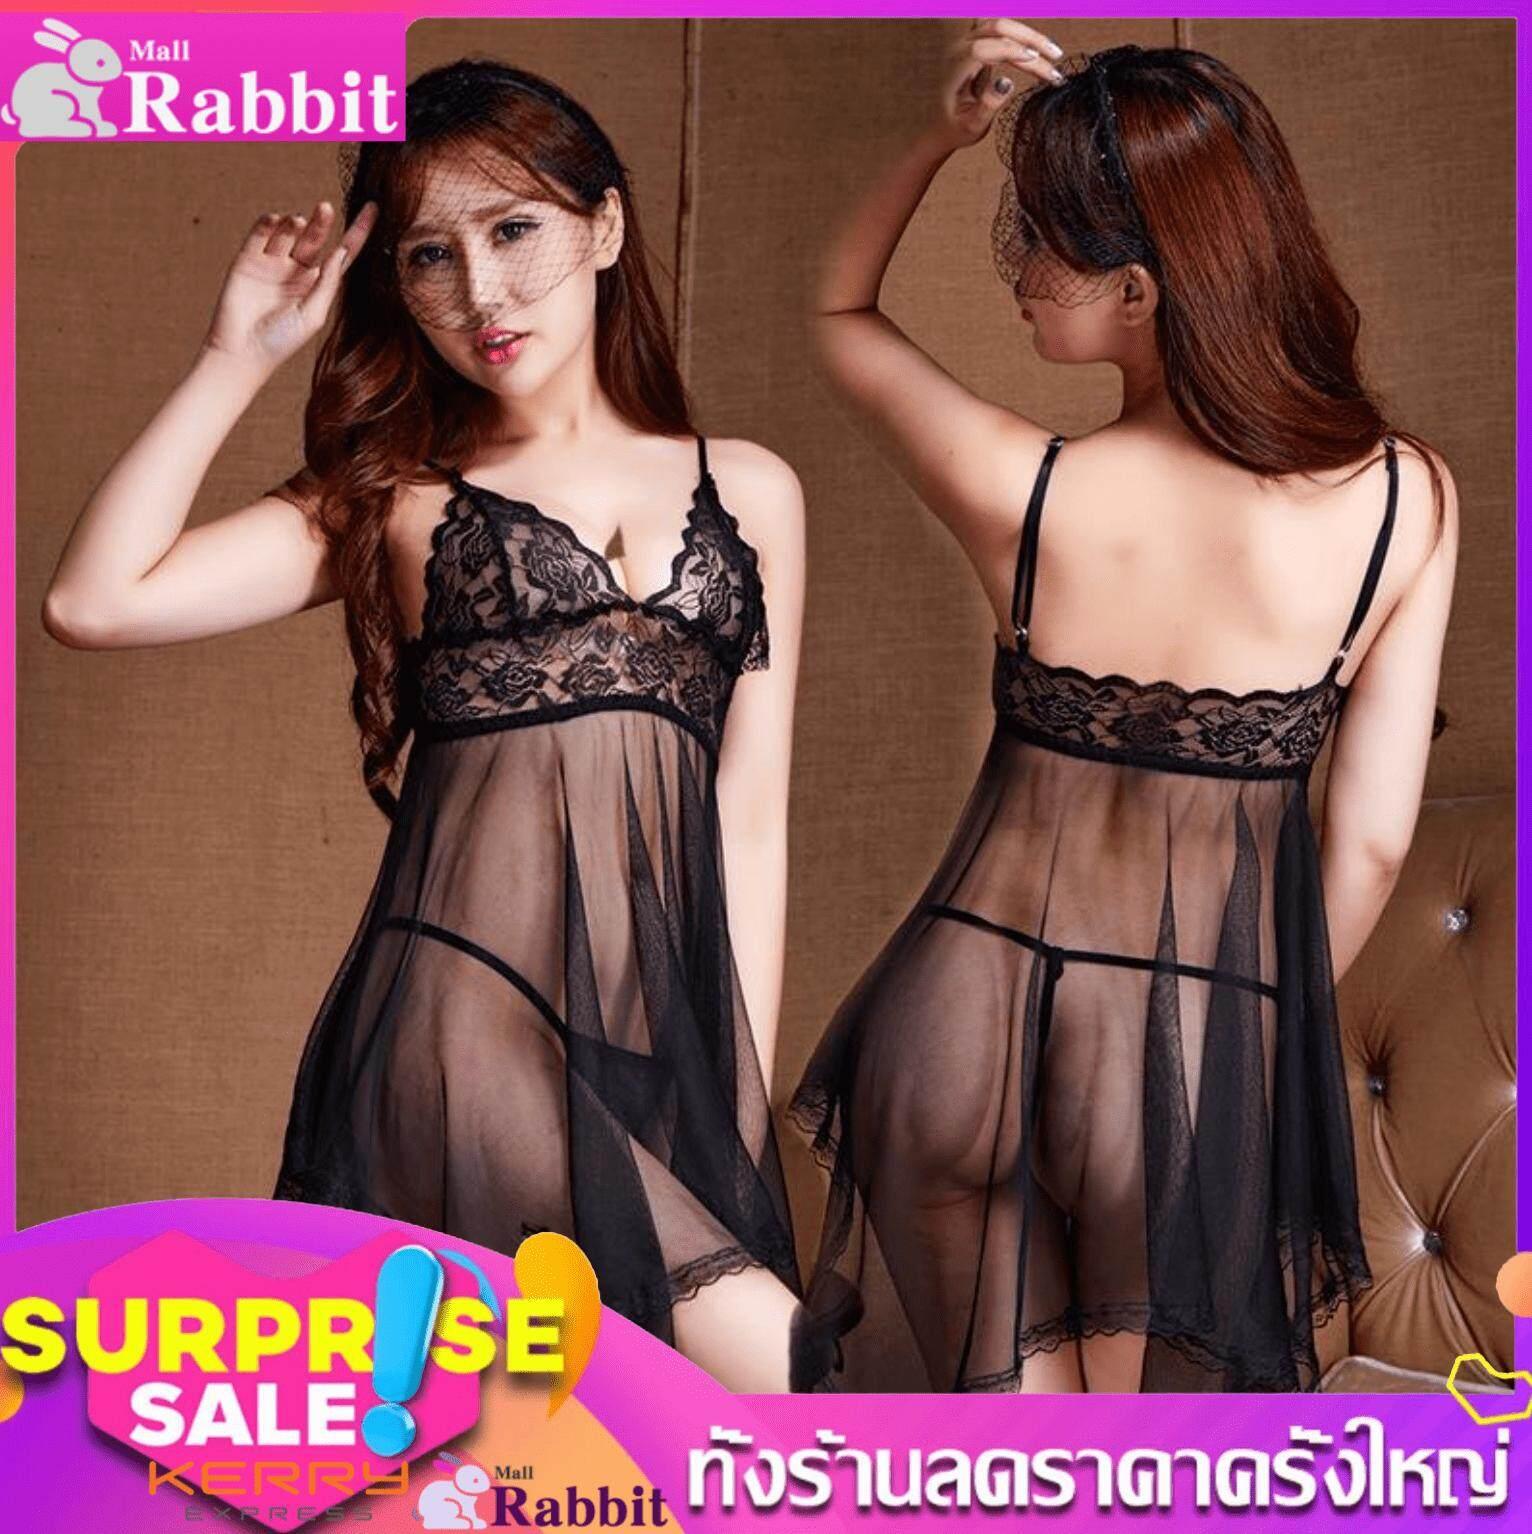 Rabbit Mall เซ็กซี่กระโปรงชุดชั้นในผู้ใหญ่สนุกโปร่งใส Sexy Uniform Cosplay รุ่น Rb-1127a.